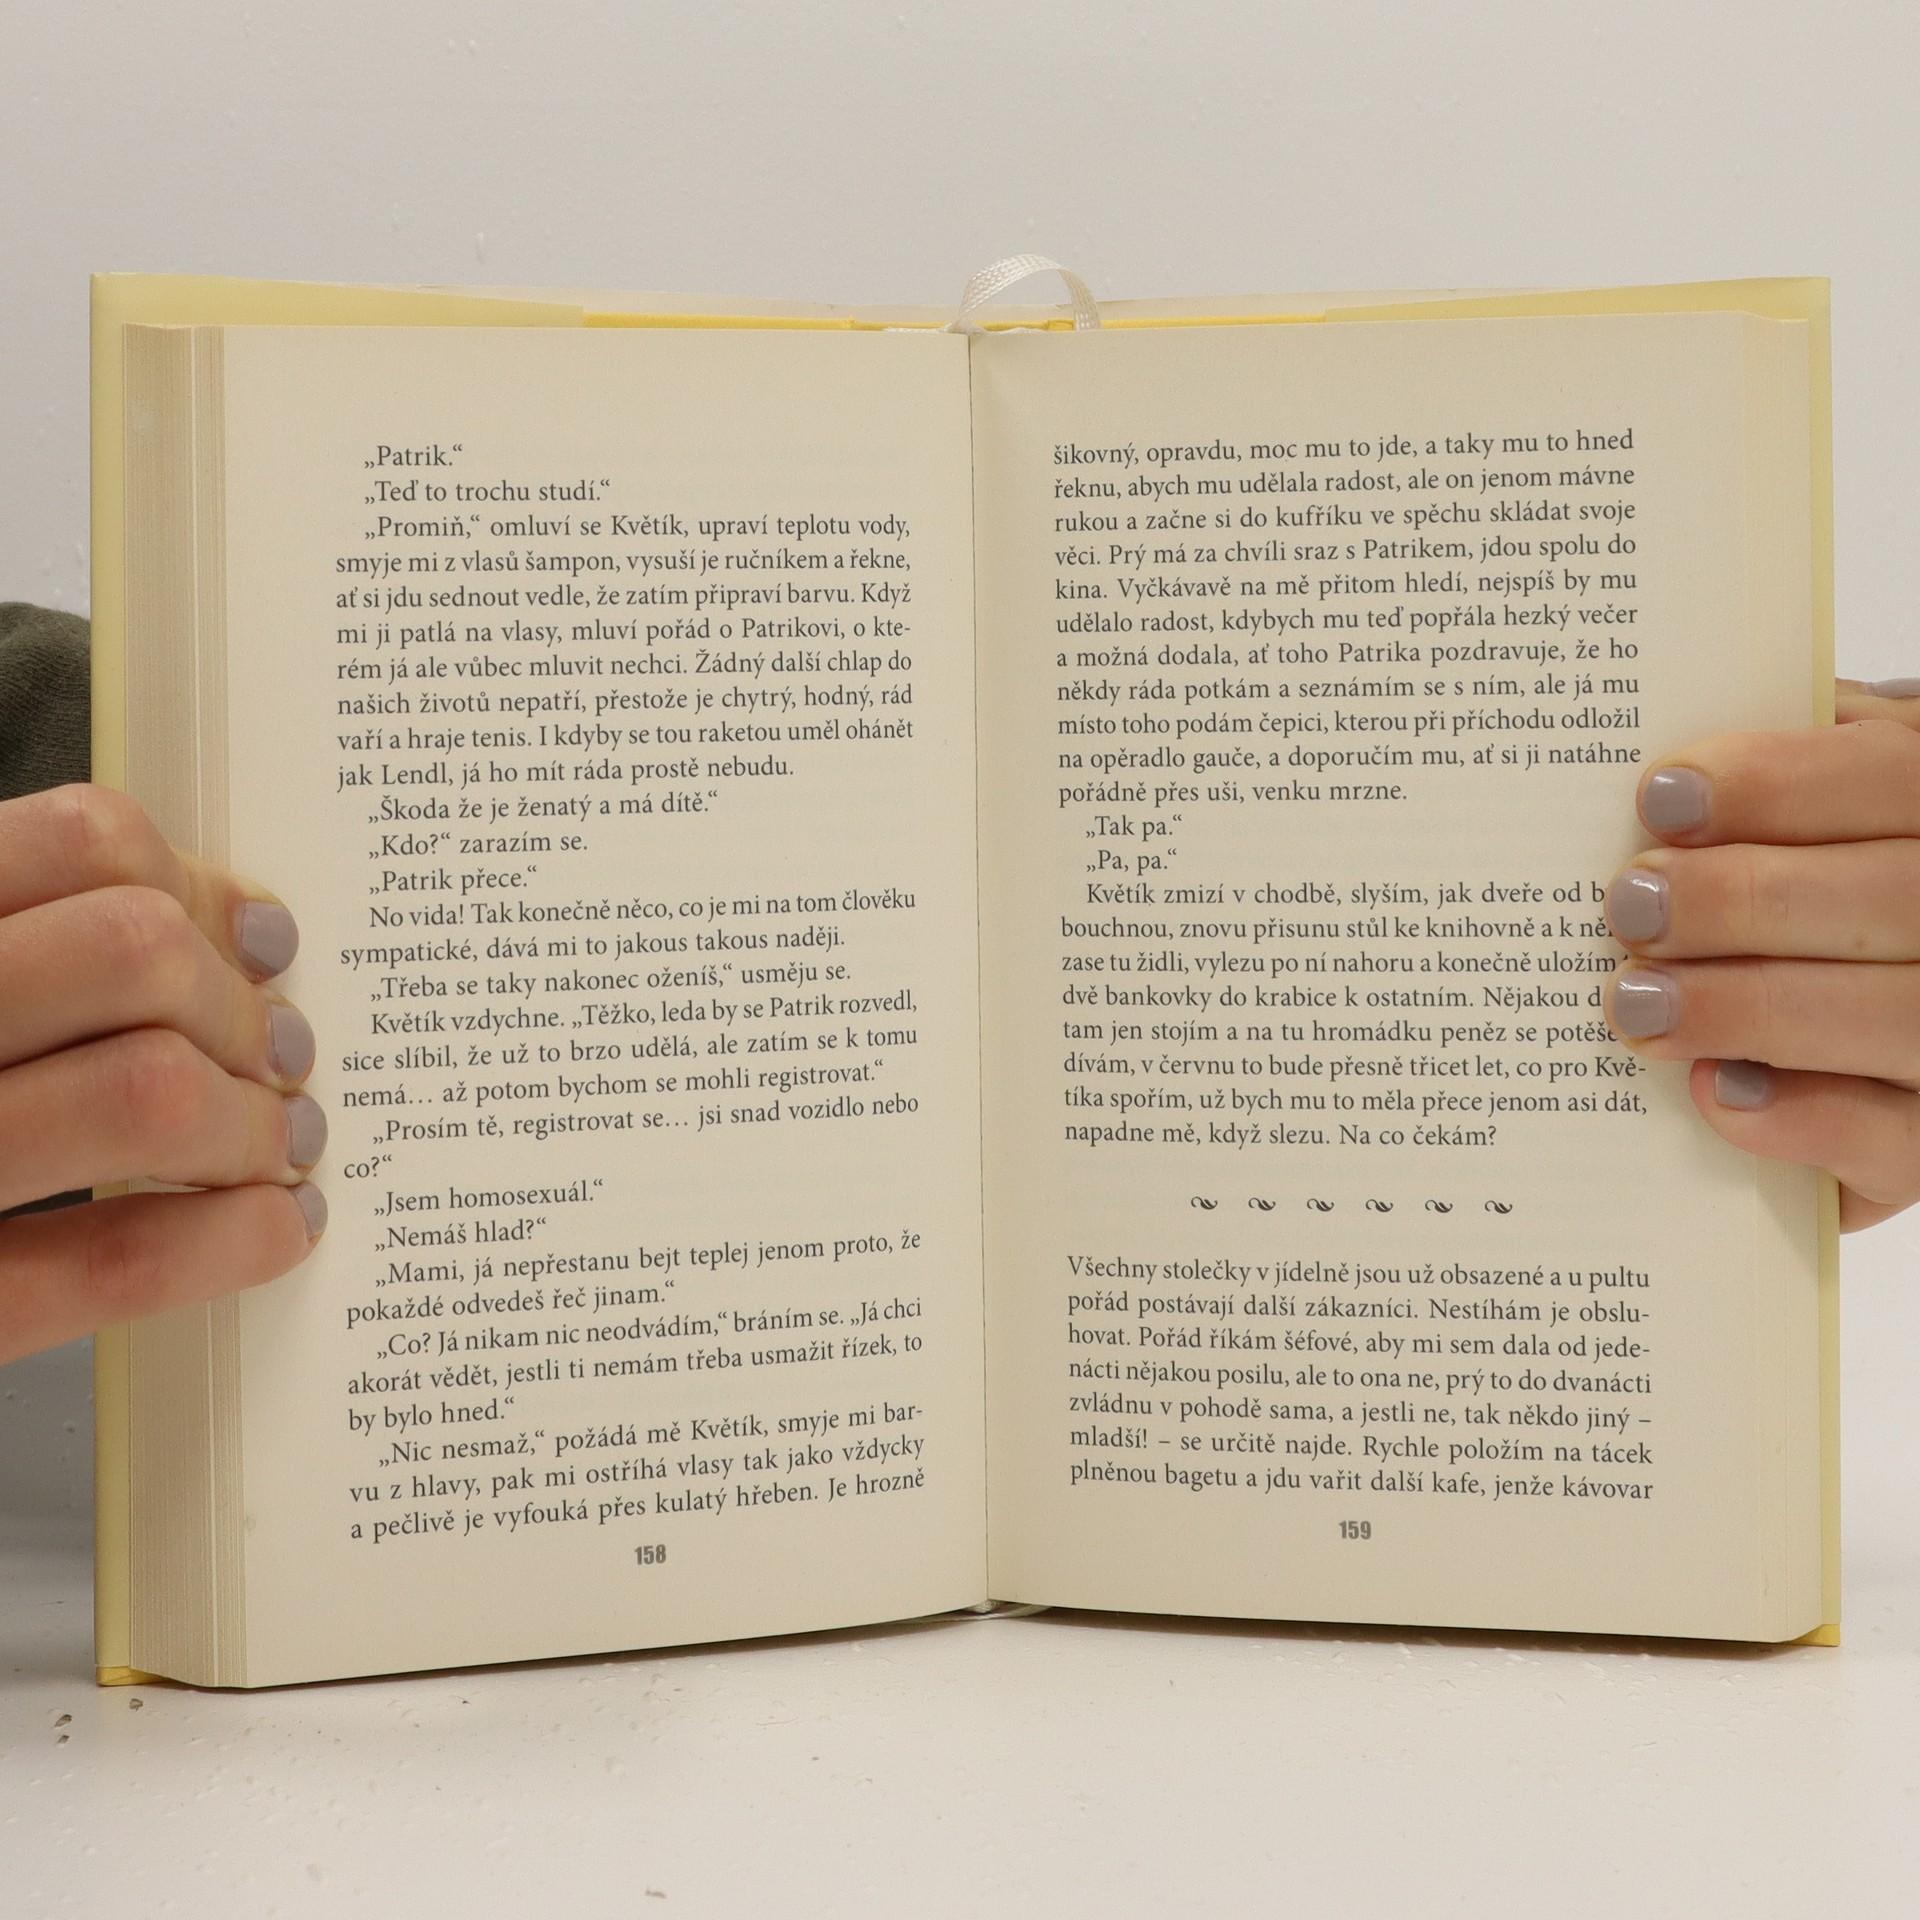 antikvární kniha Román pro ženy, 2001